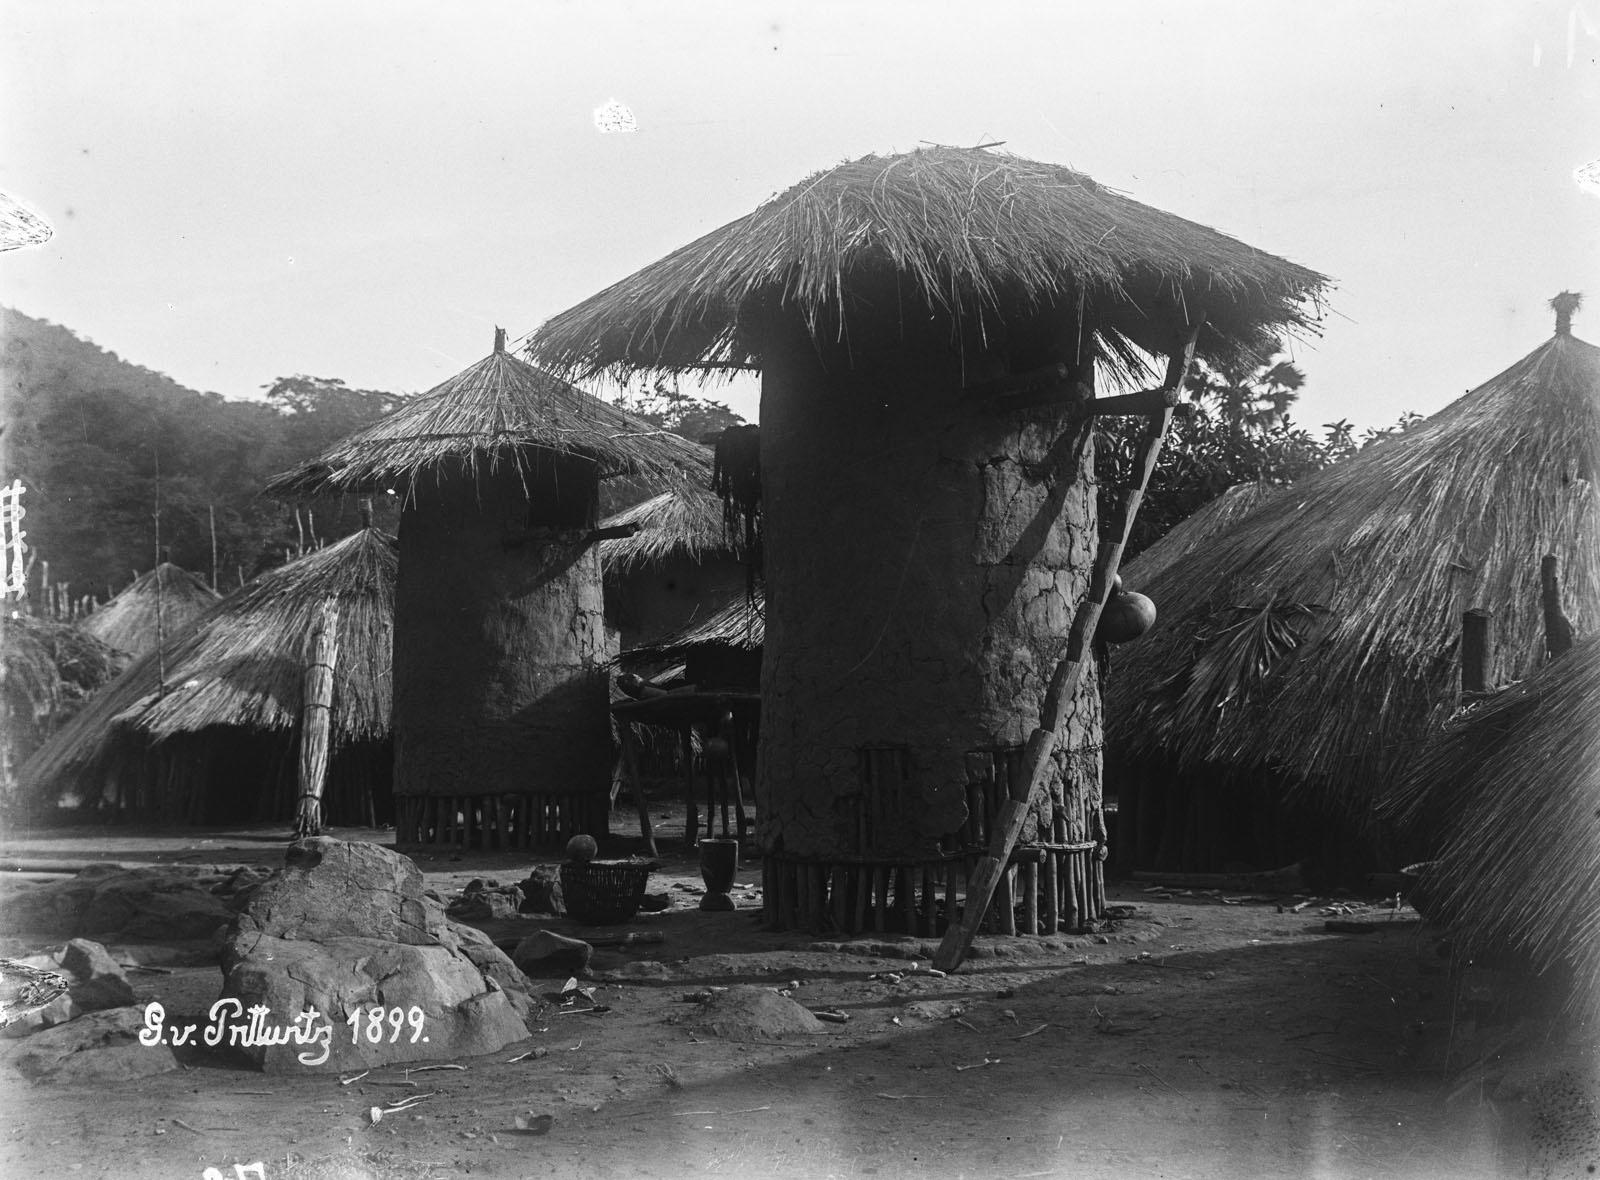 11. 1899. Озеро Танганьика. Деревенские хижины